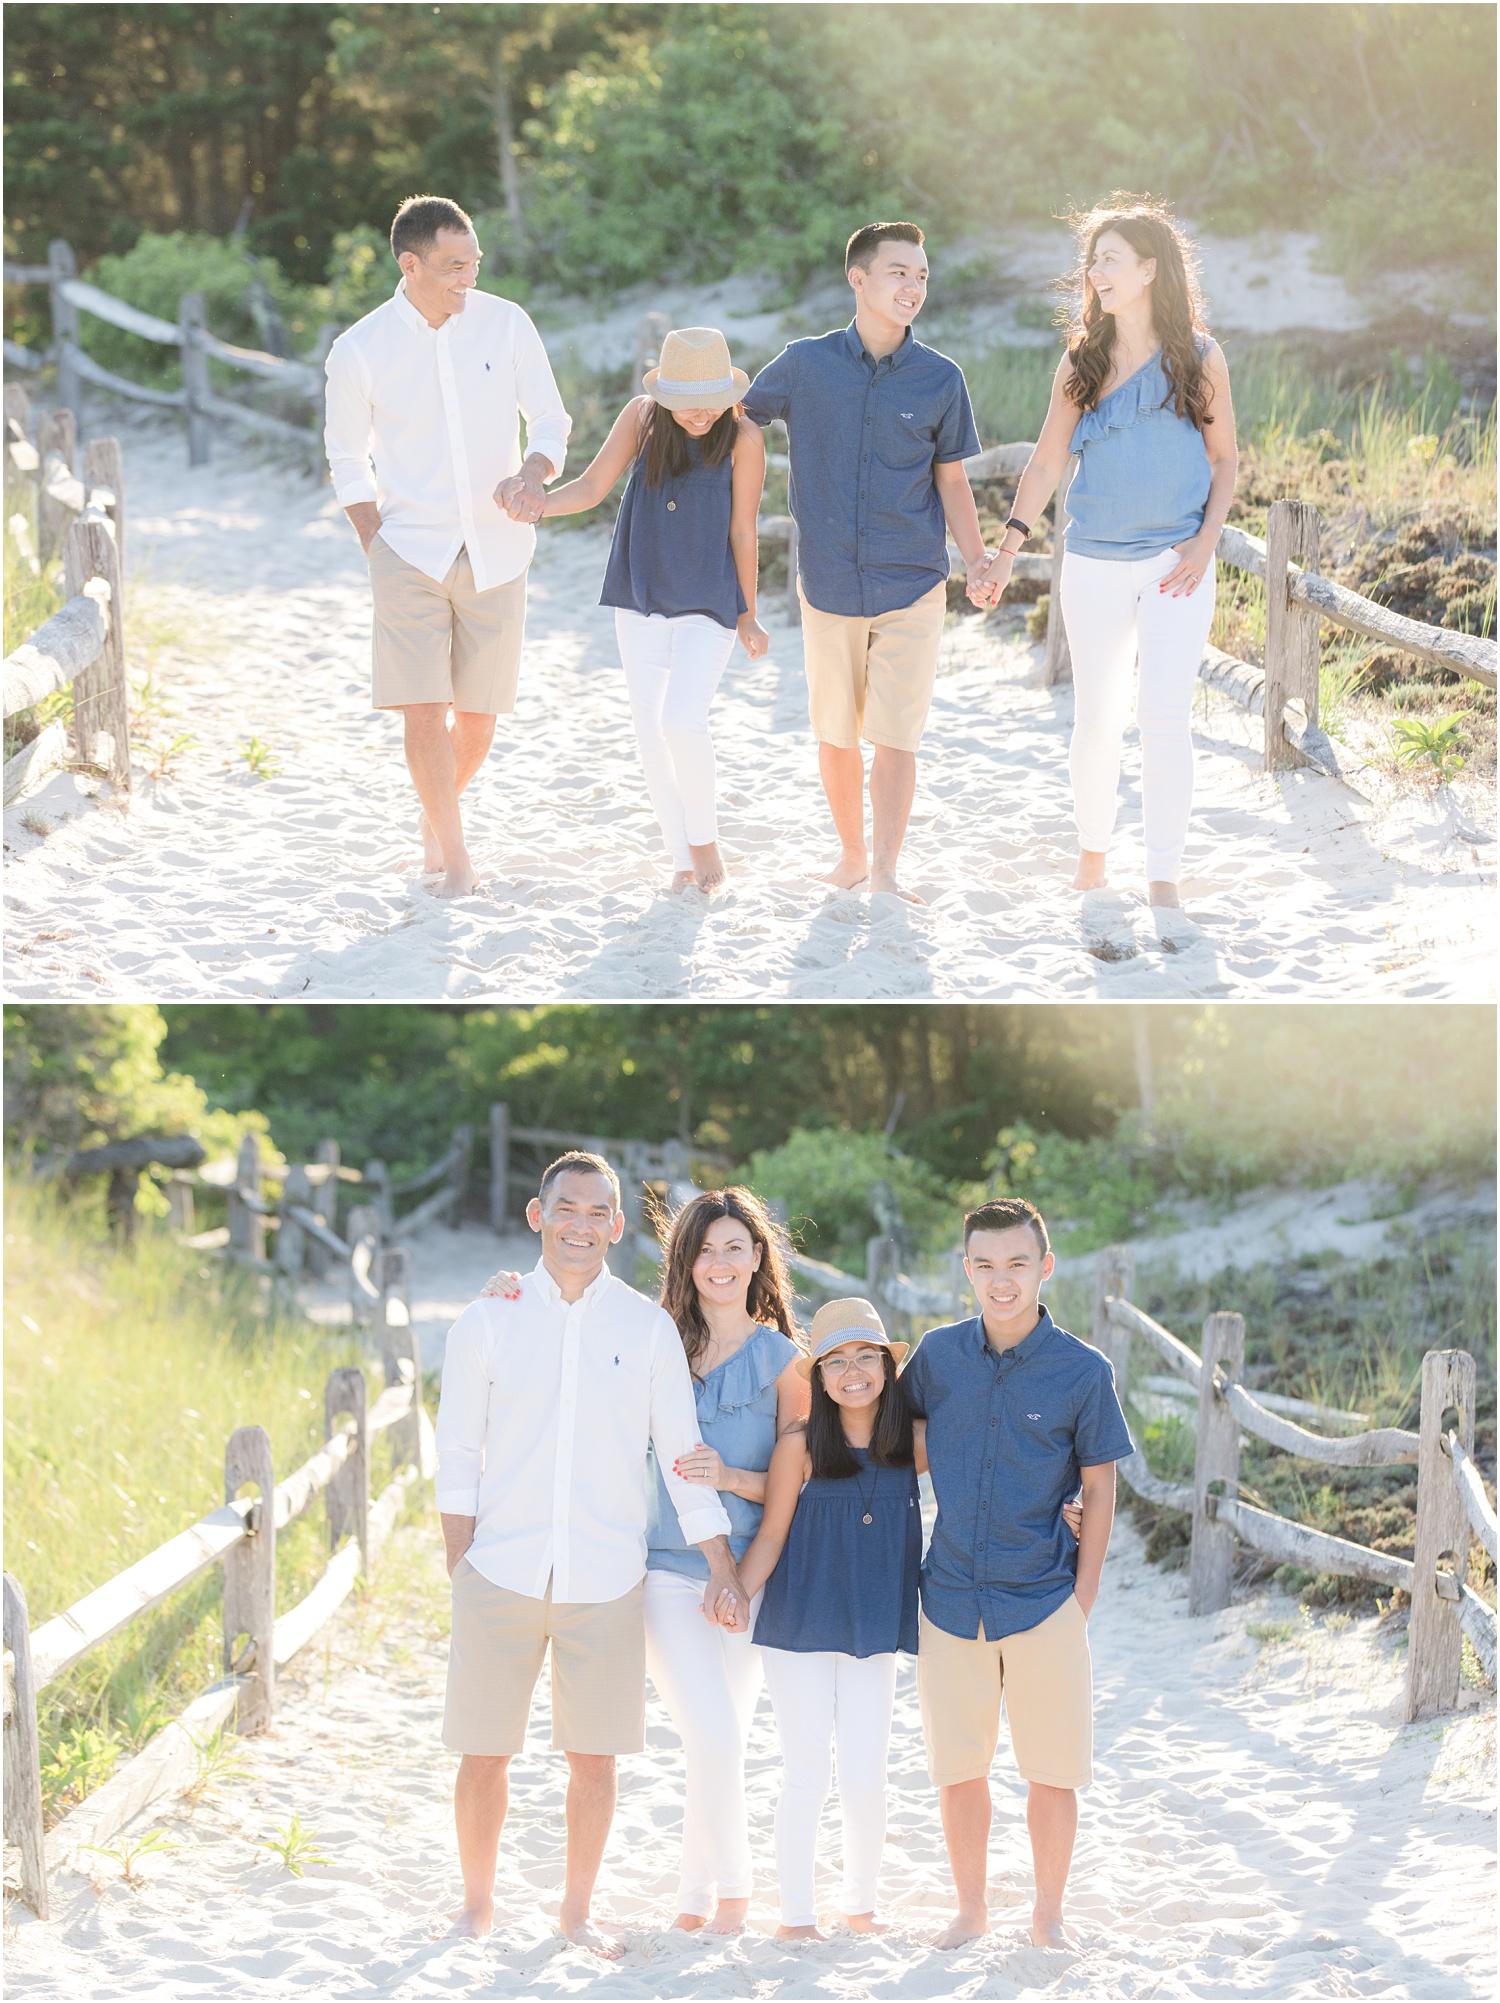 Fun family photos on the beach in Seaside Park.